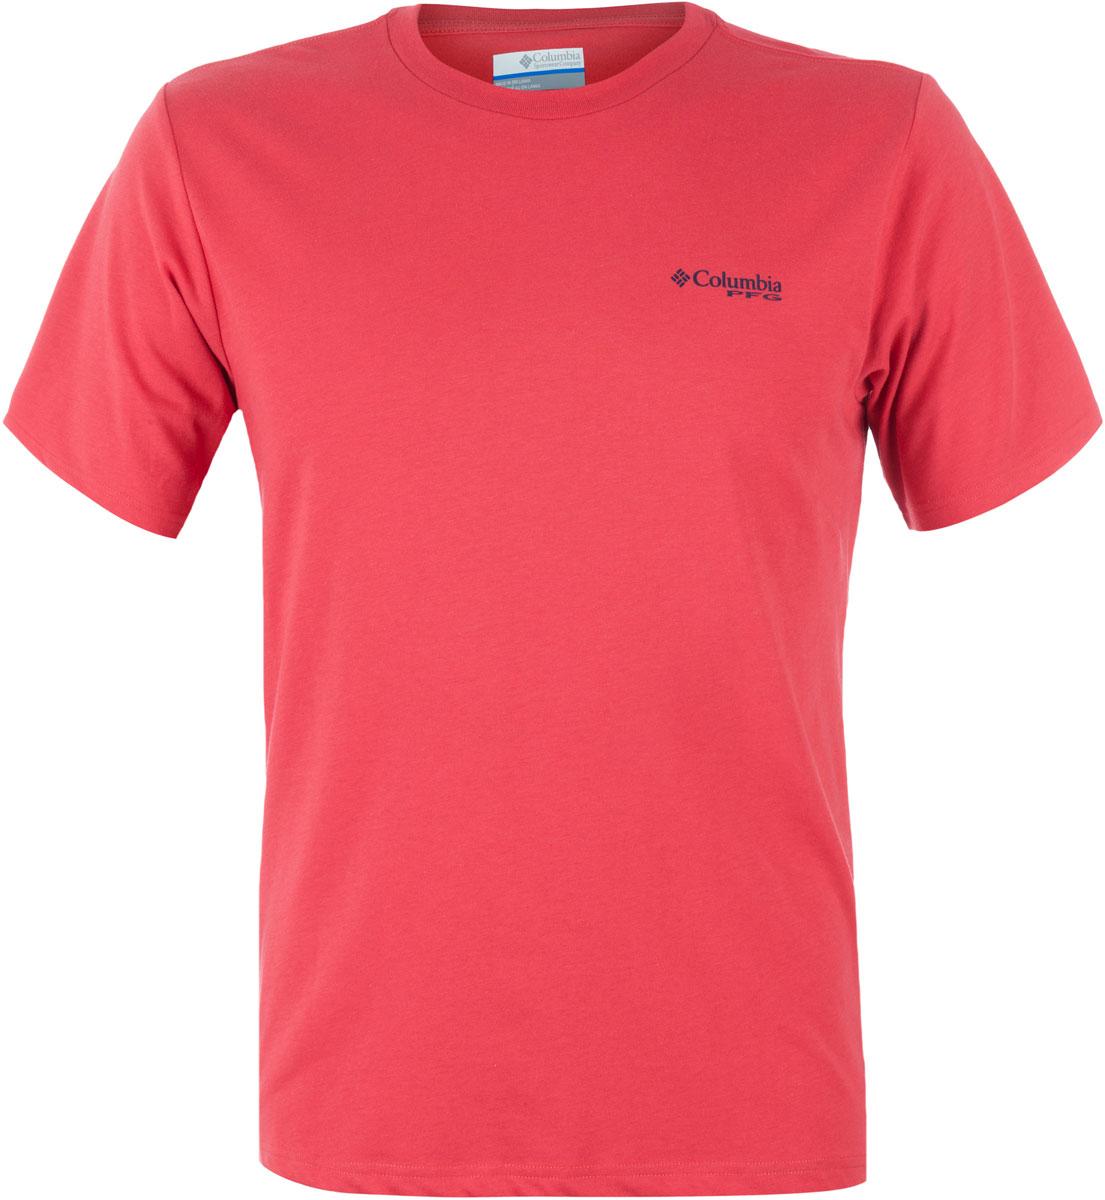 Футболка мужская Columbia PFG Elements Marlin II SS T-shirt, цвет: красный. 1717151-683. Размер XL (52/54)1717151-683Футболка Columbia - оптимальный вариант для активного отдыха и повседневного использования. Модель выполнена из смеси хлопка и полиэстера, обеспечивает максимально комфортные ощущения во время использования, быстро сохнет и не мнется.